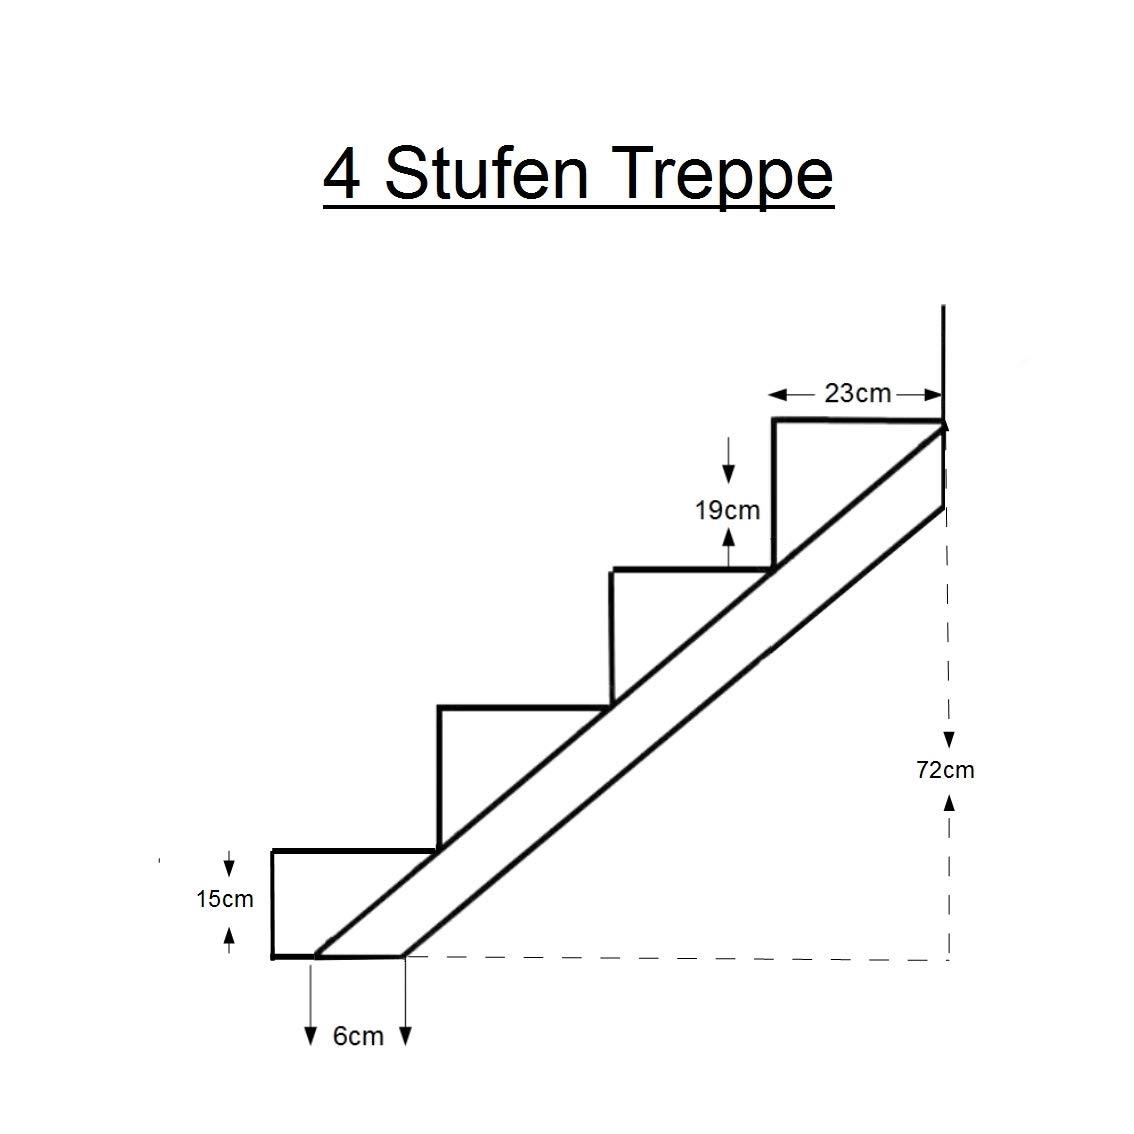 Treppenrahmen 2-10 Stufen-Wahl Stahl-Treppe Schwarz Treppenholm//W/ählen Sie die Stufen-Anzahl 6 stufig